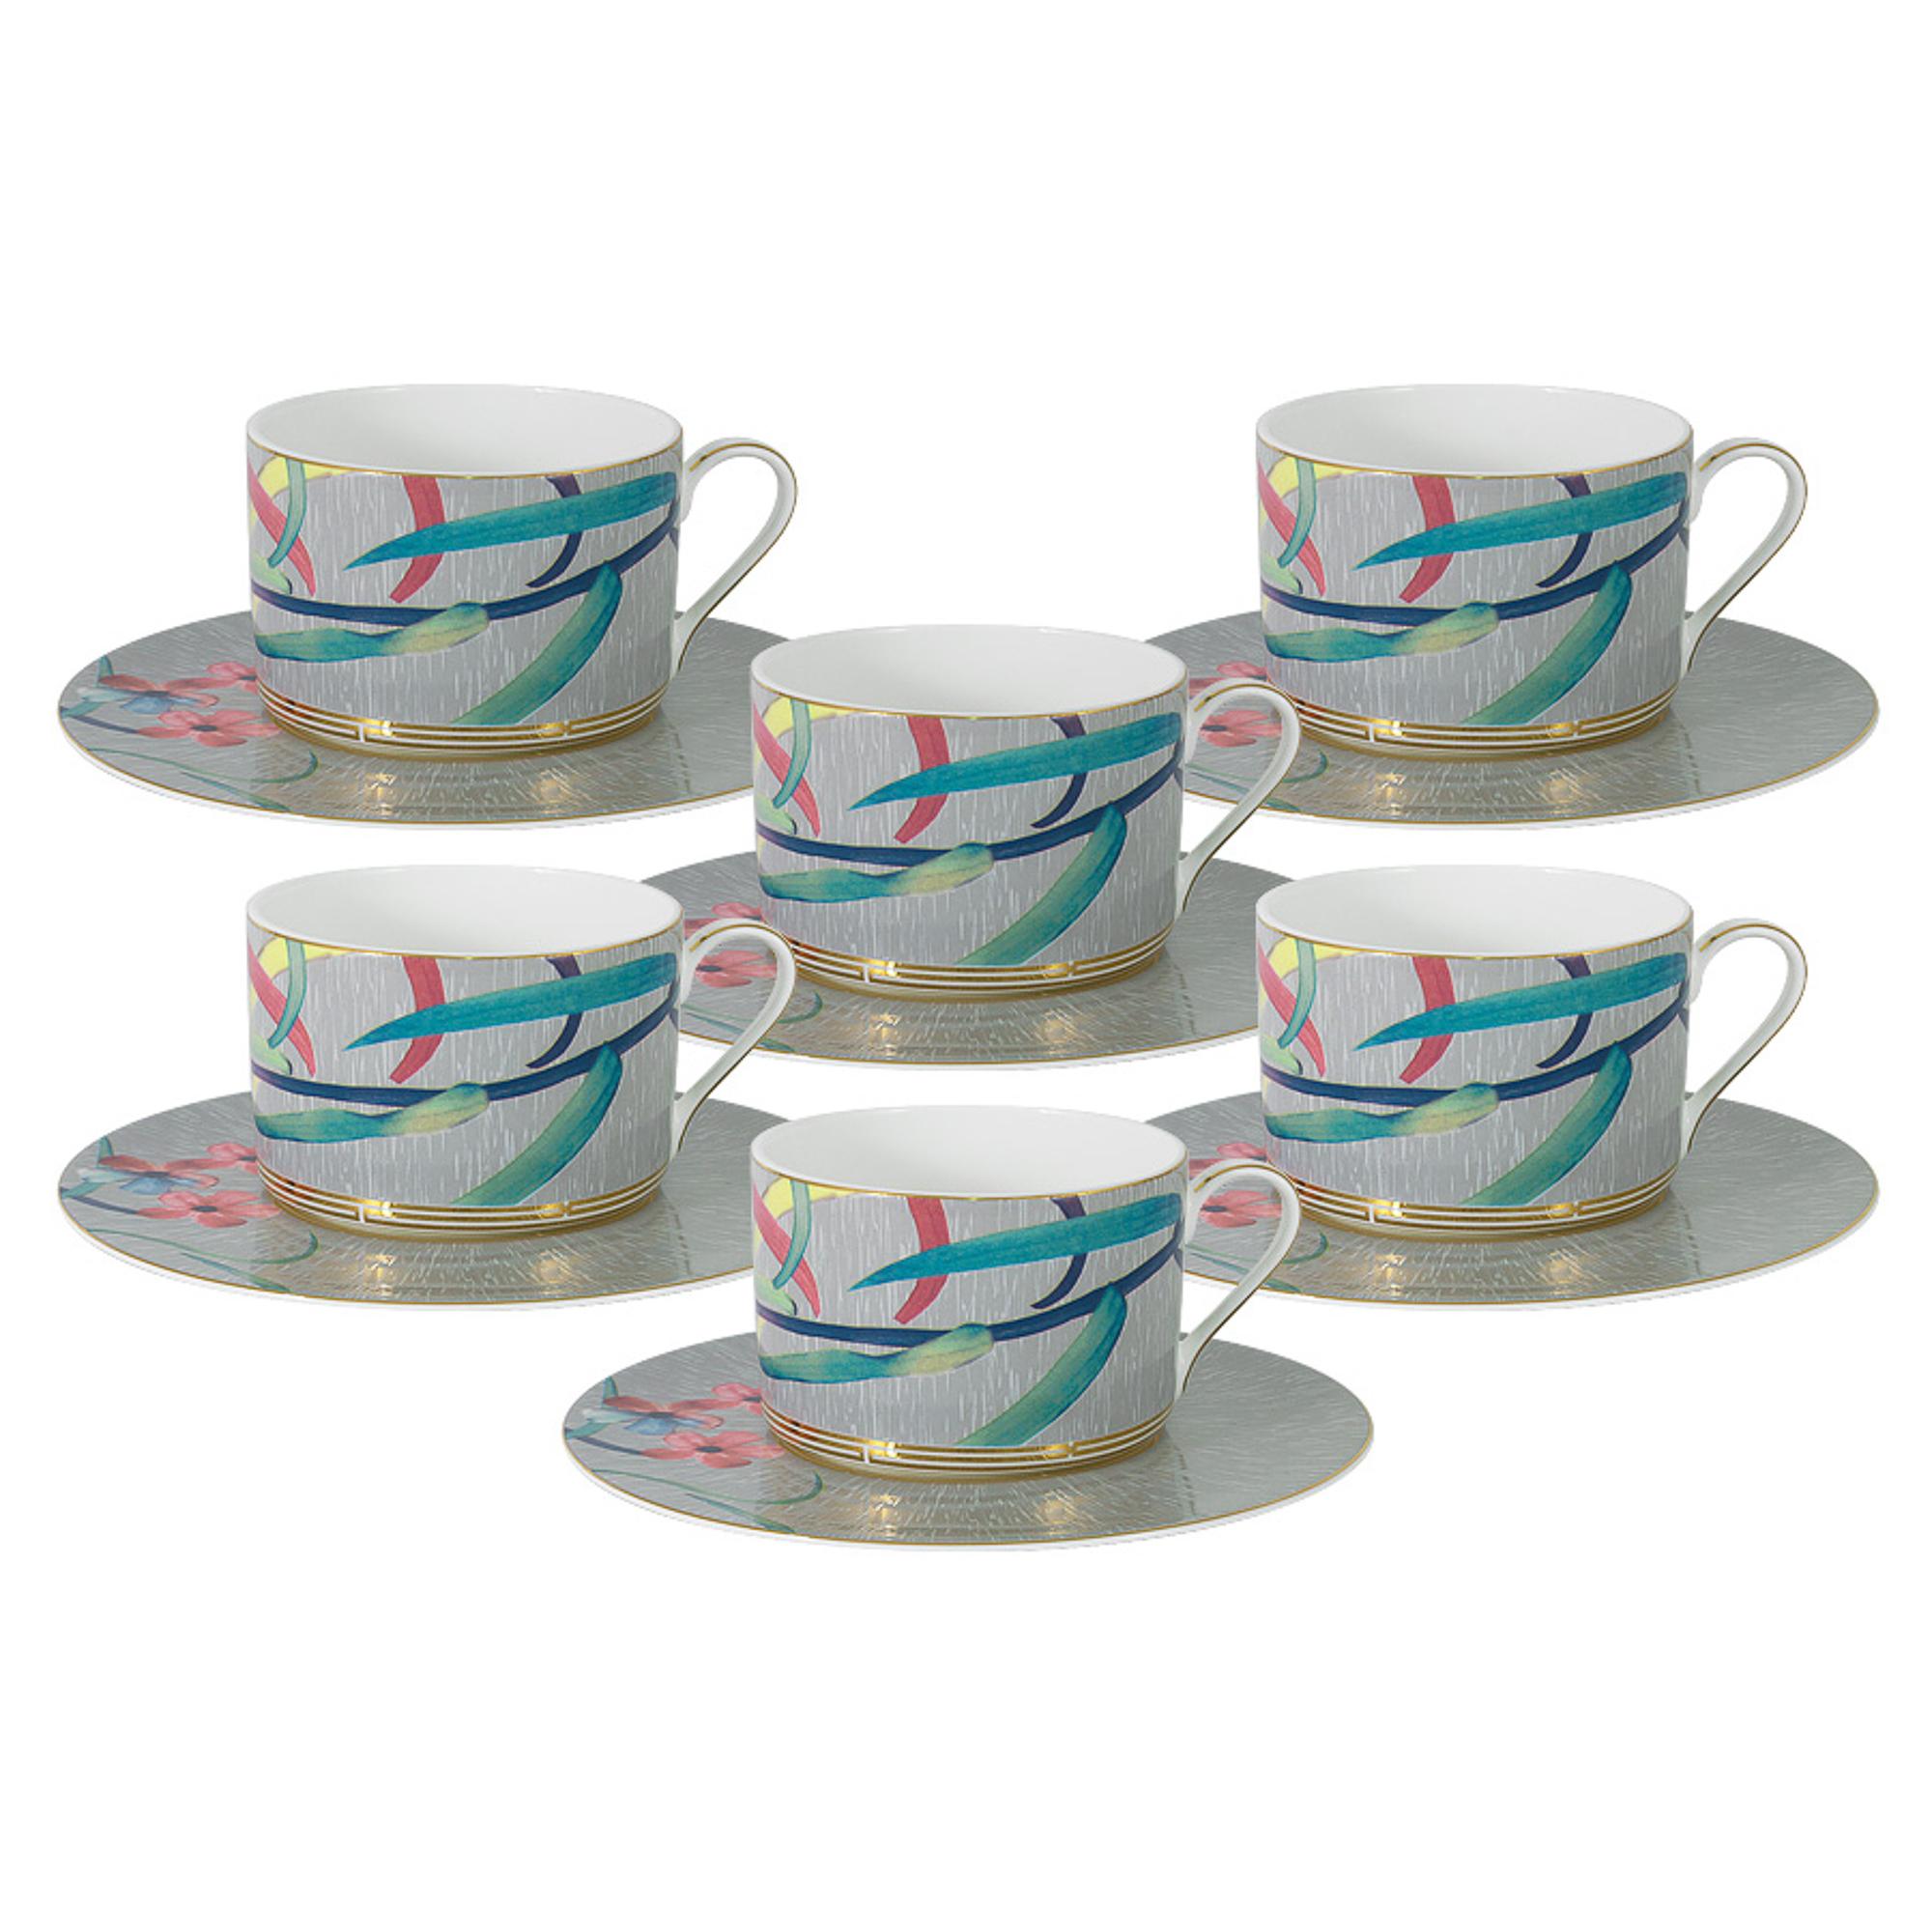 Чайный набор Naomi Восточная лилия 12 предметов фото